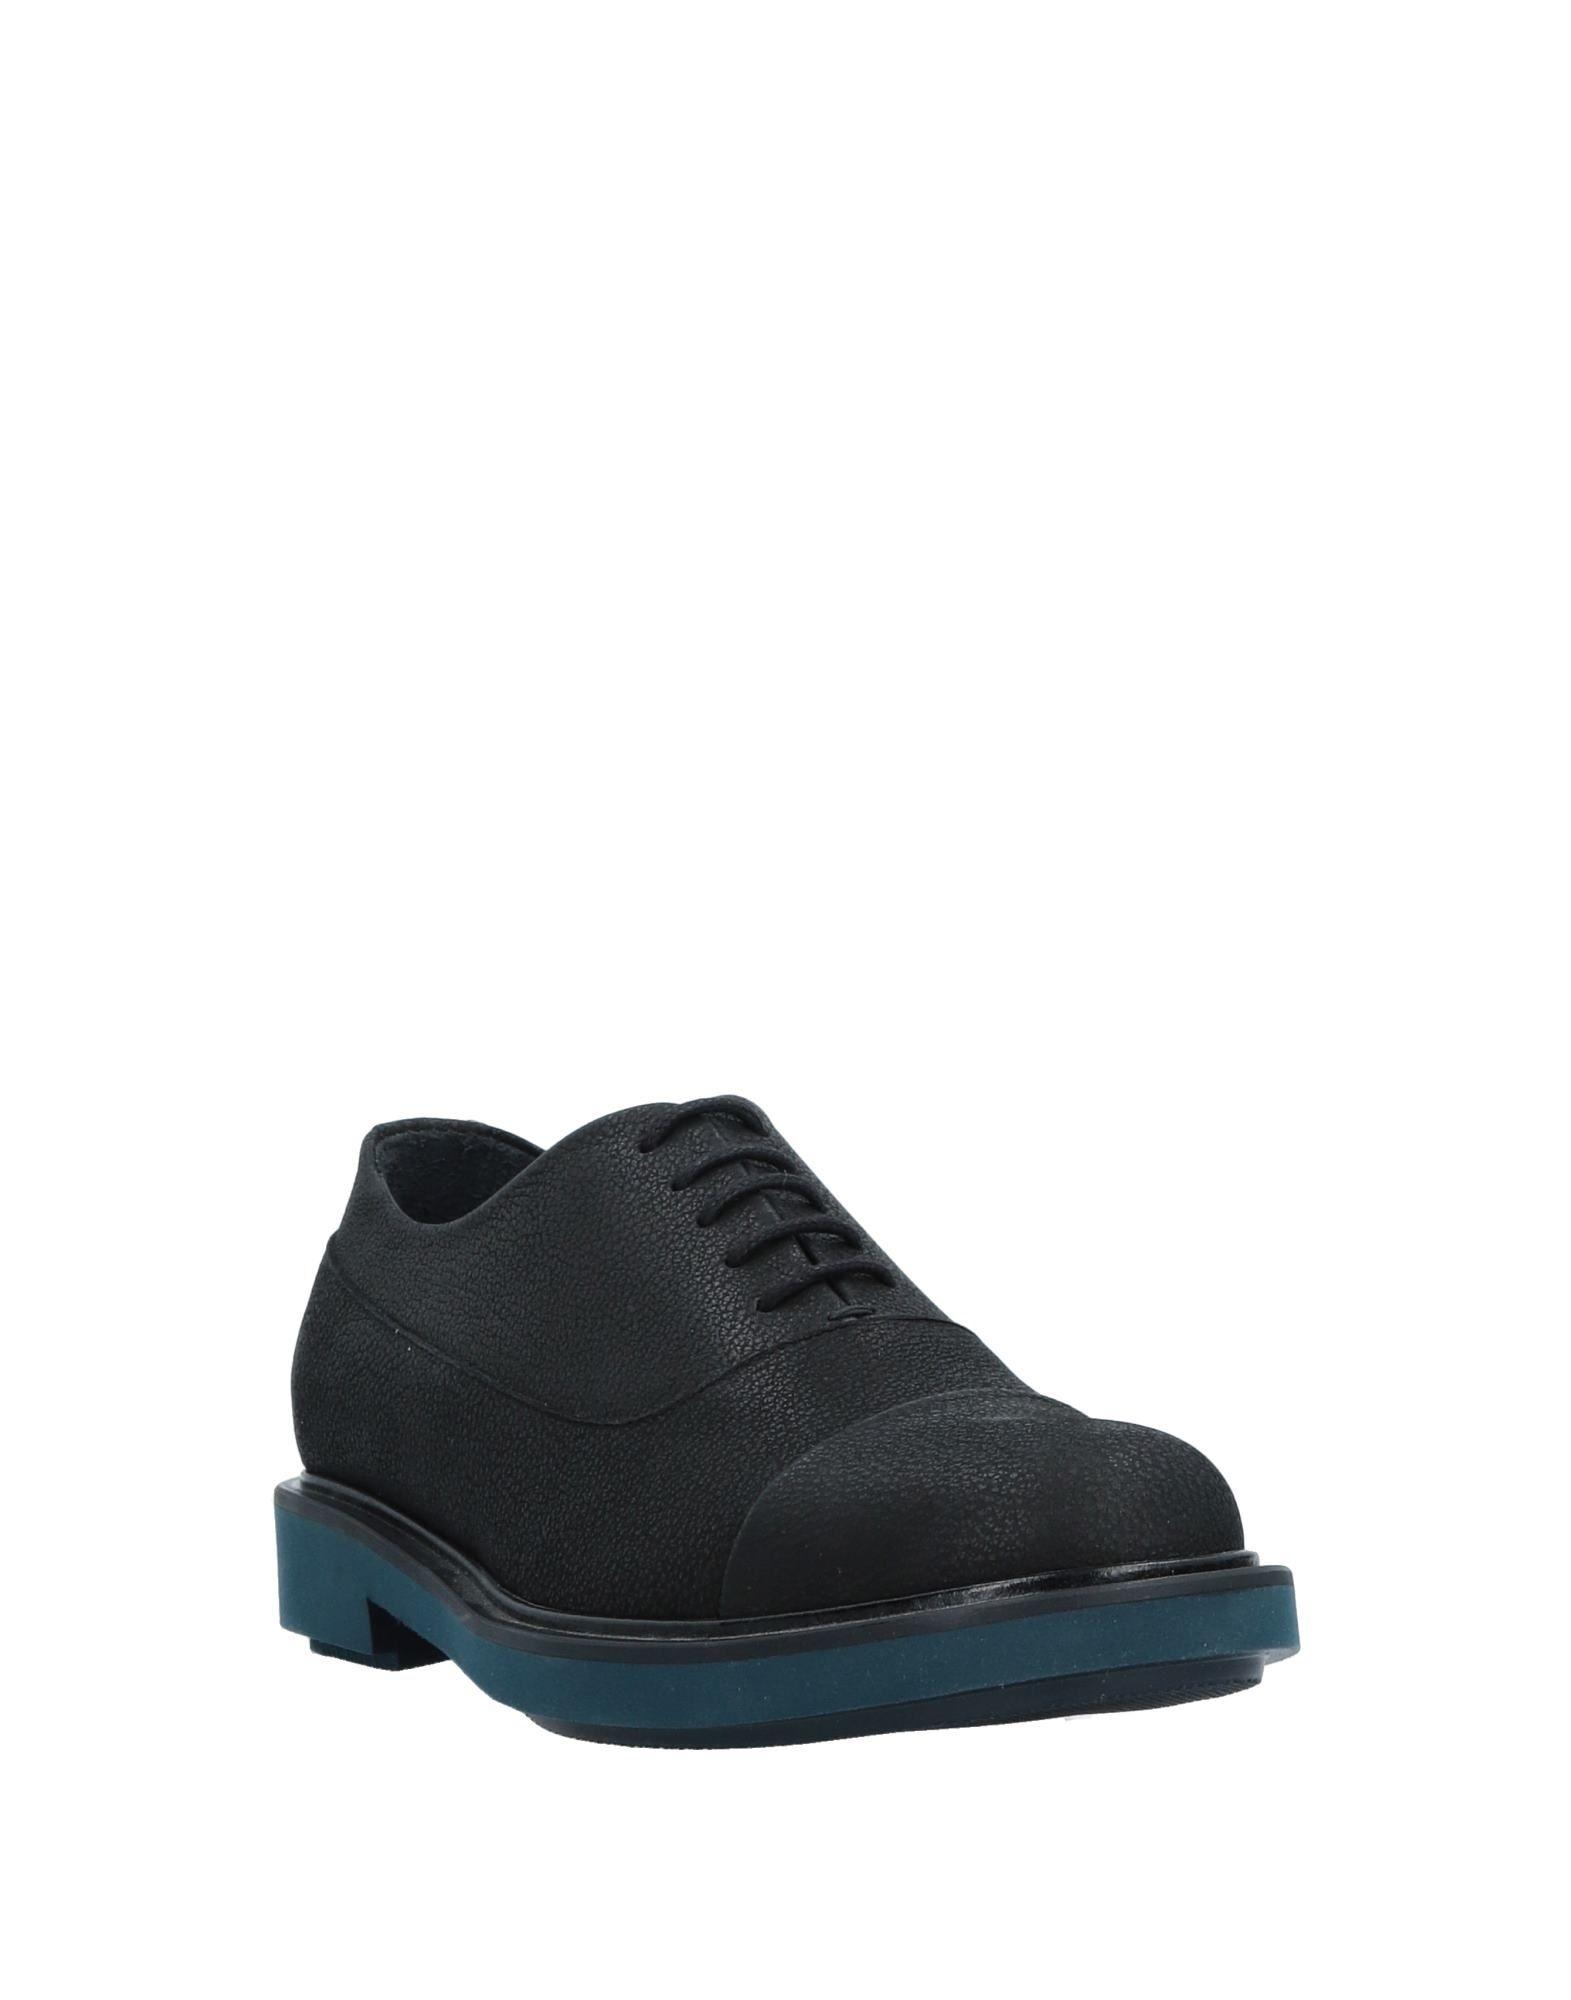 Emporio Armani Schnürschuhe Herren  11517567BV Gute Qualität beliebte Schuhe